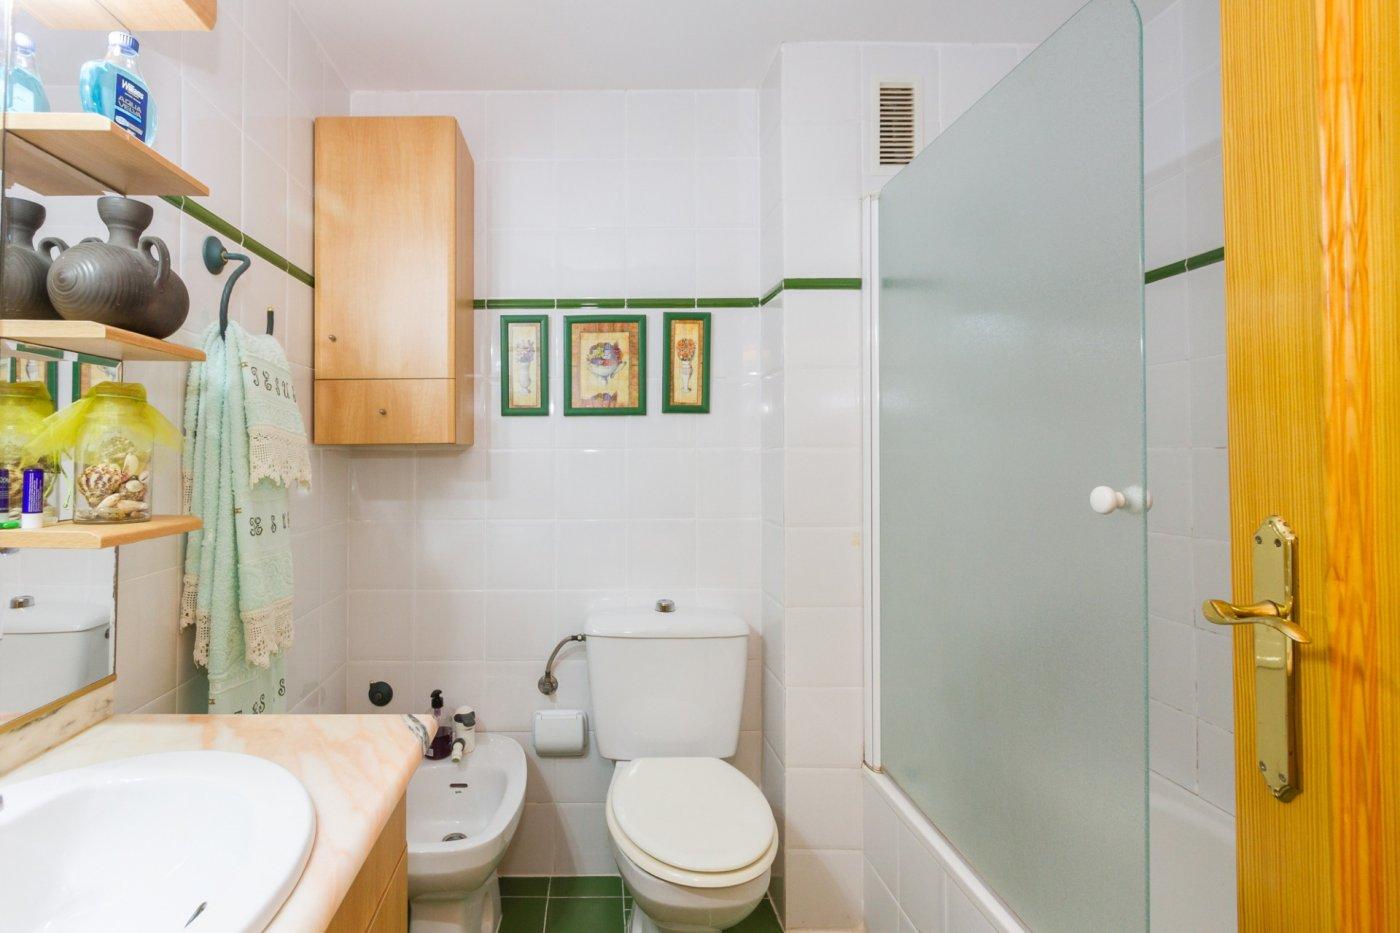 Venta de apartamento en xeraco - imagenInmueble20